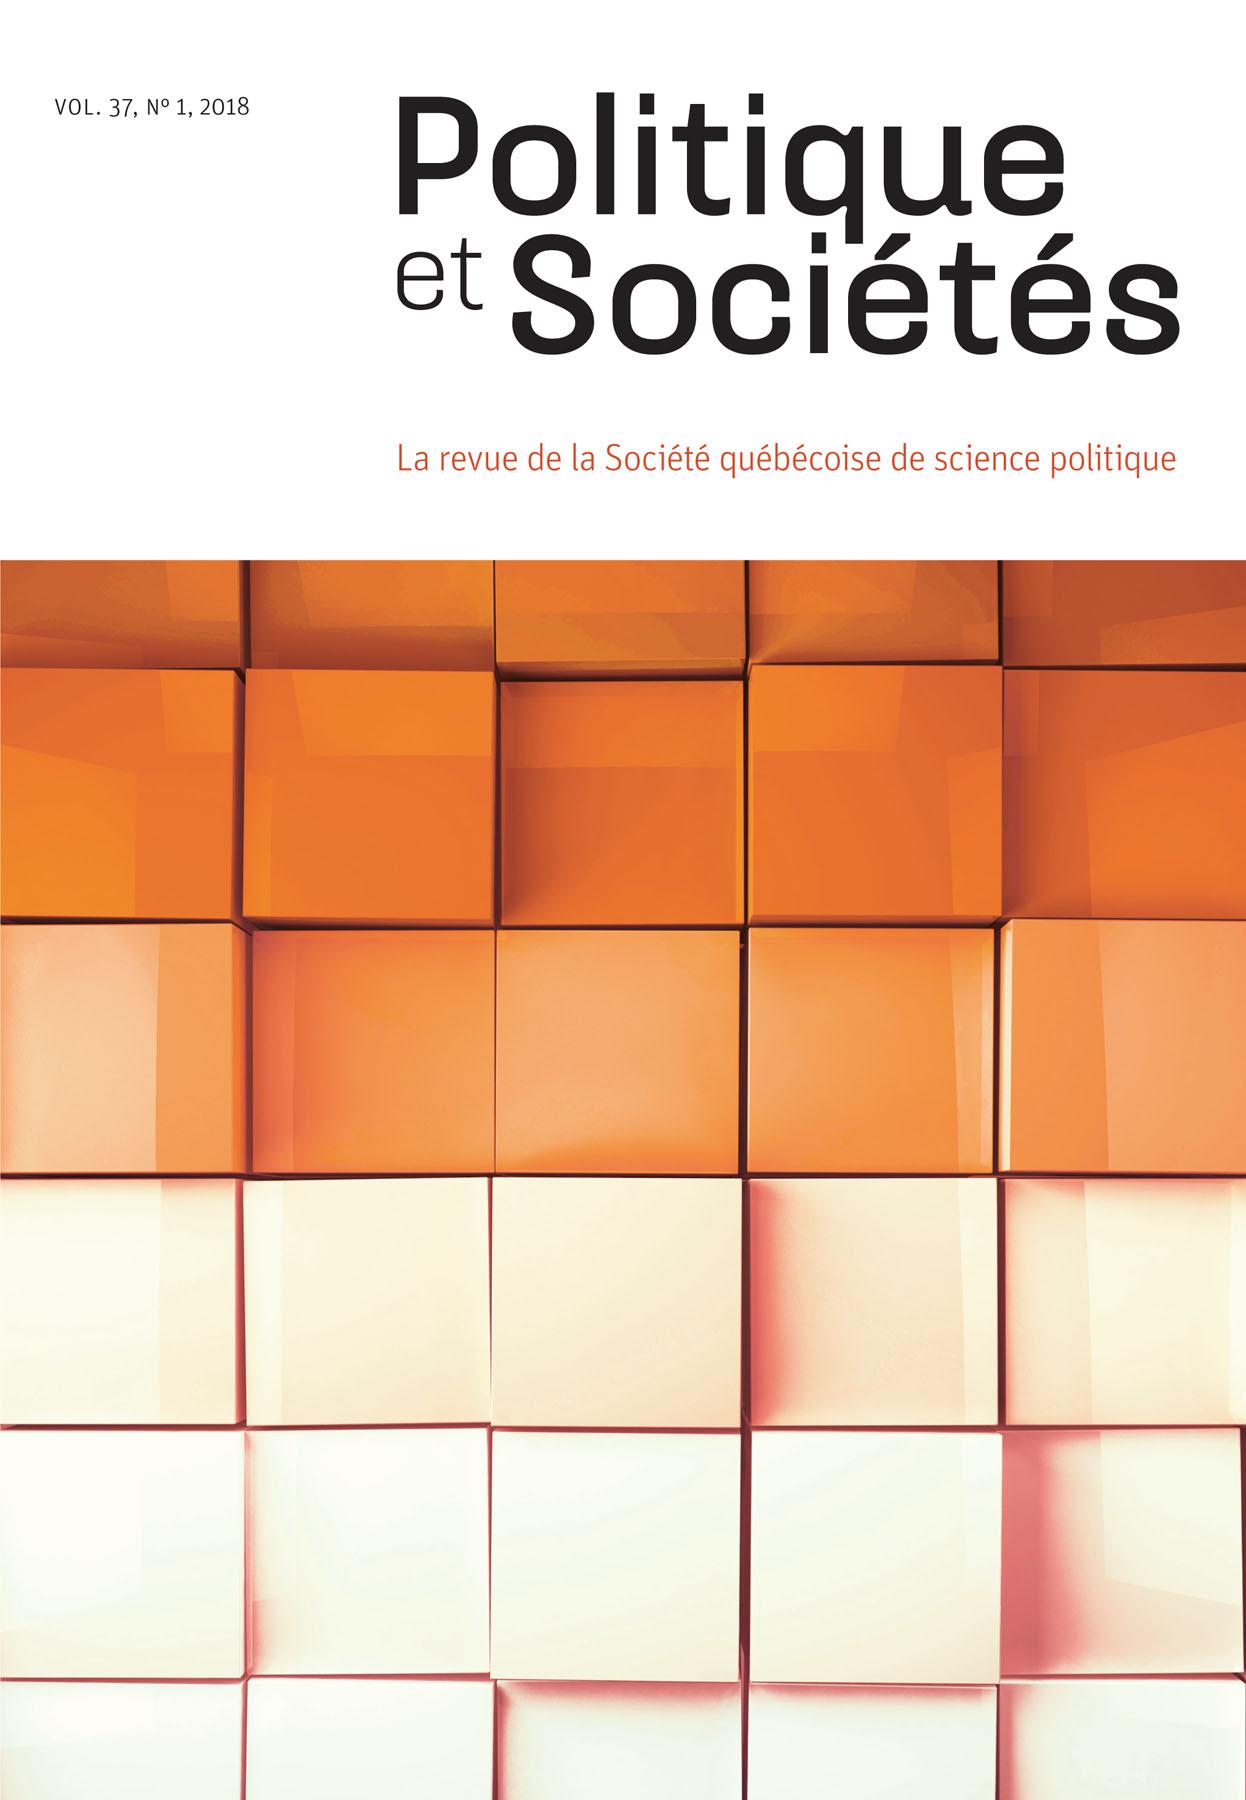 Politique et Sociétés. Vol. 37 No. 1,  2018